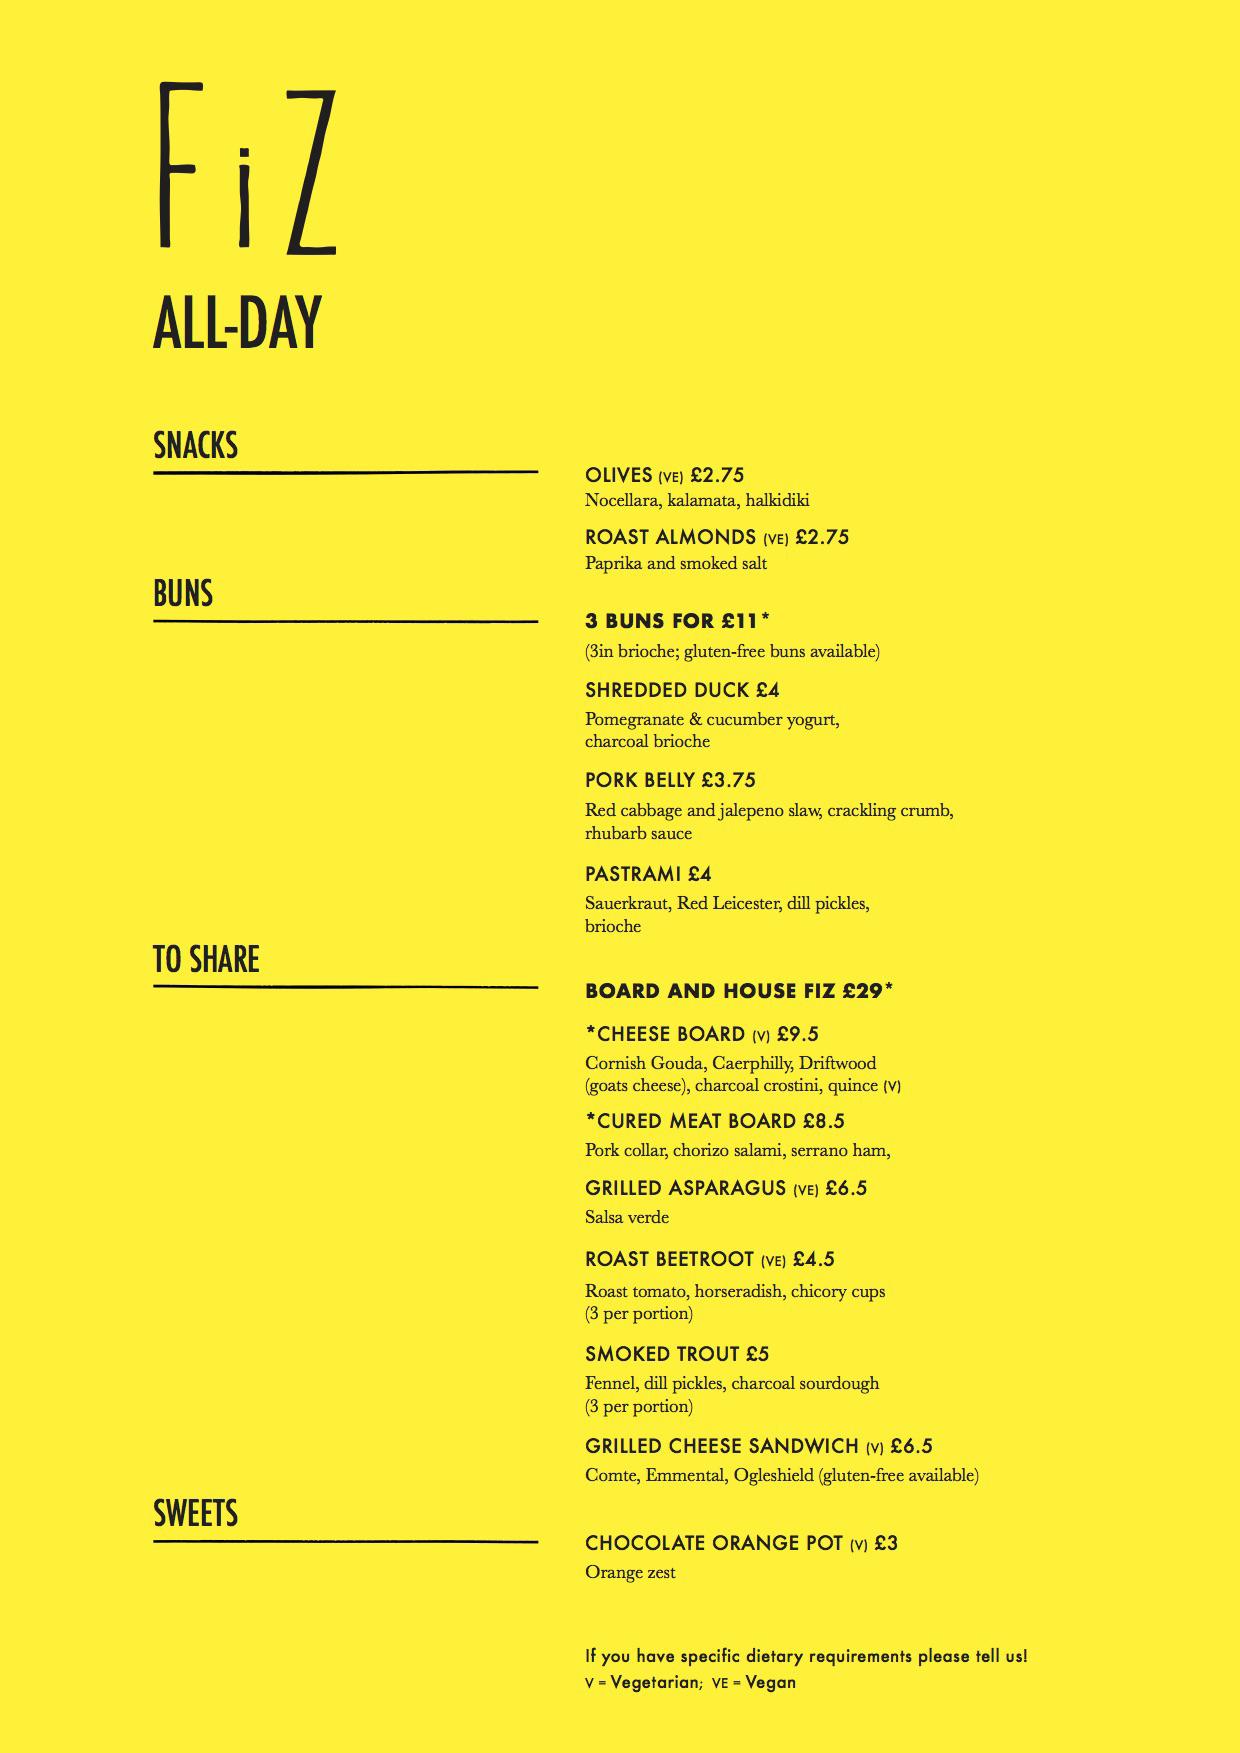 FIZ_All-Day-Food-Menu-optimised.jpg